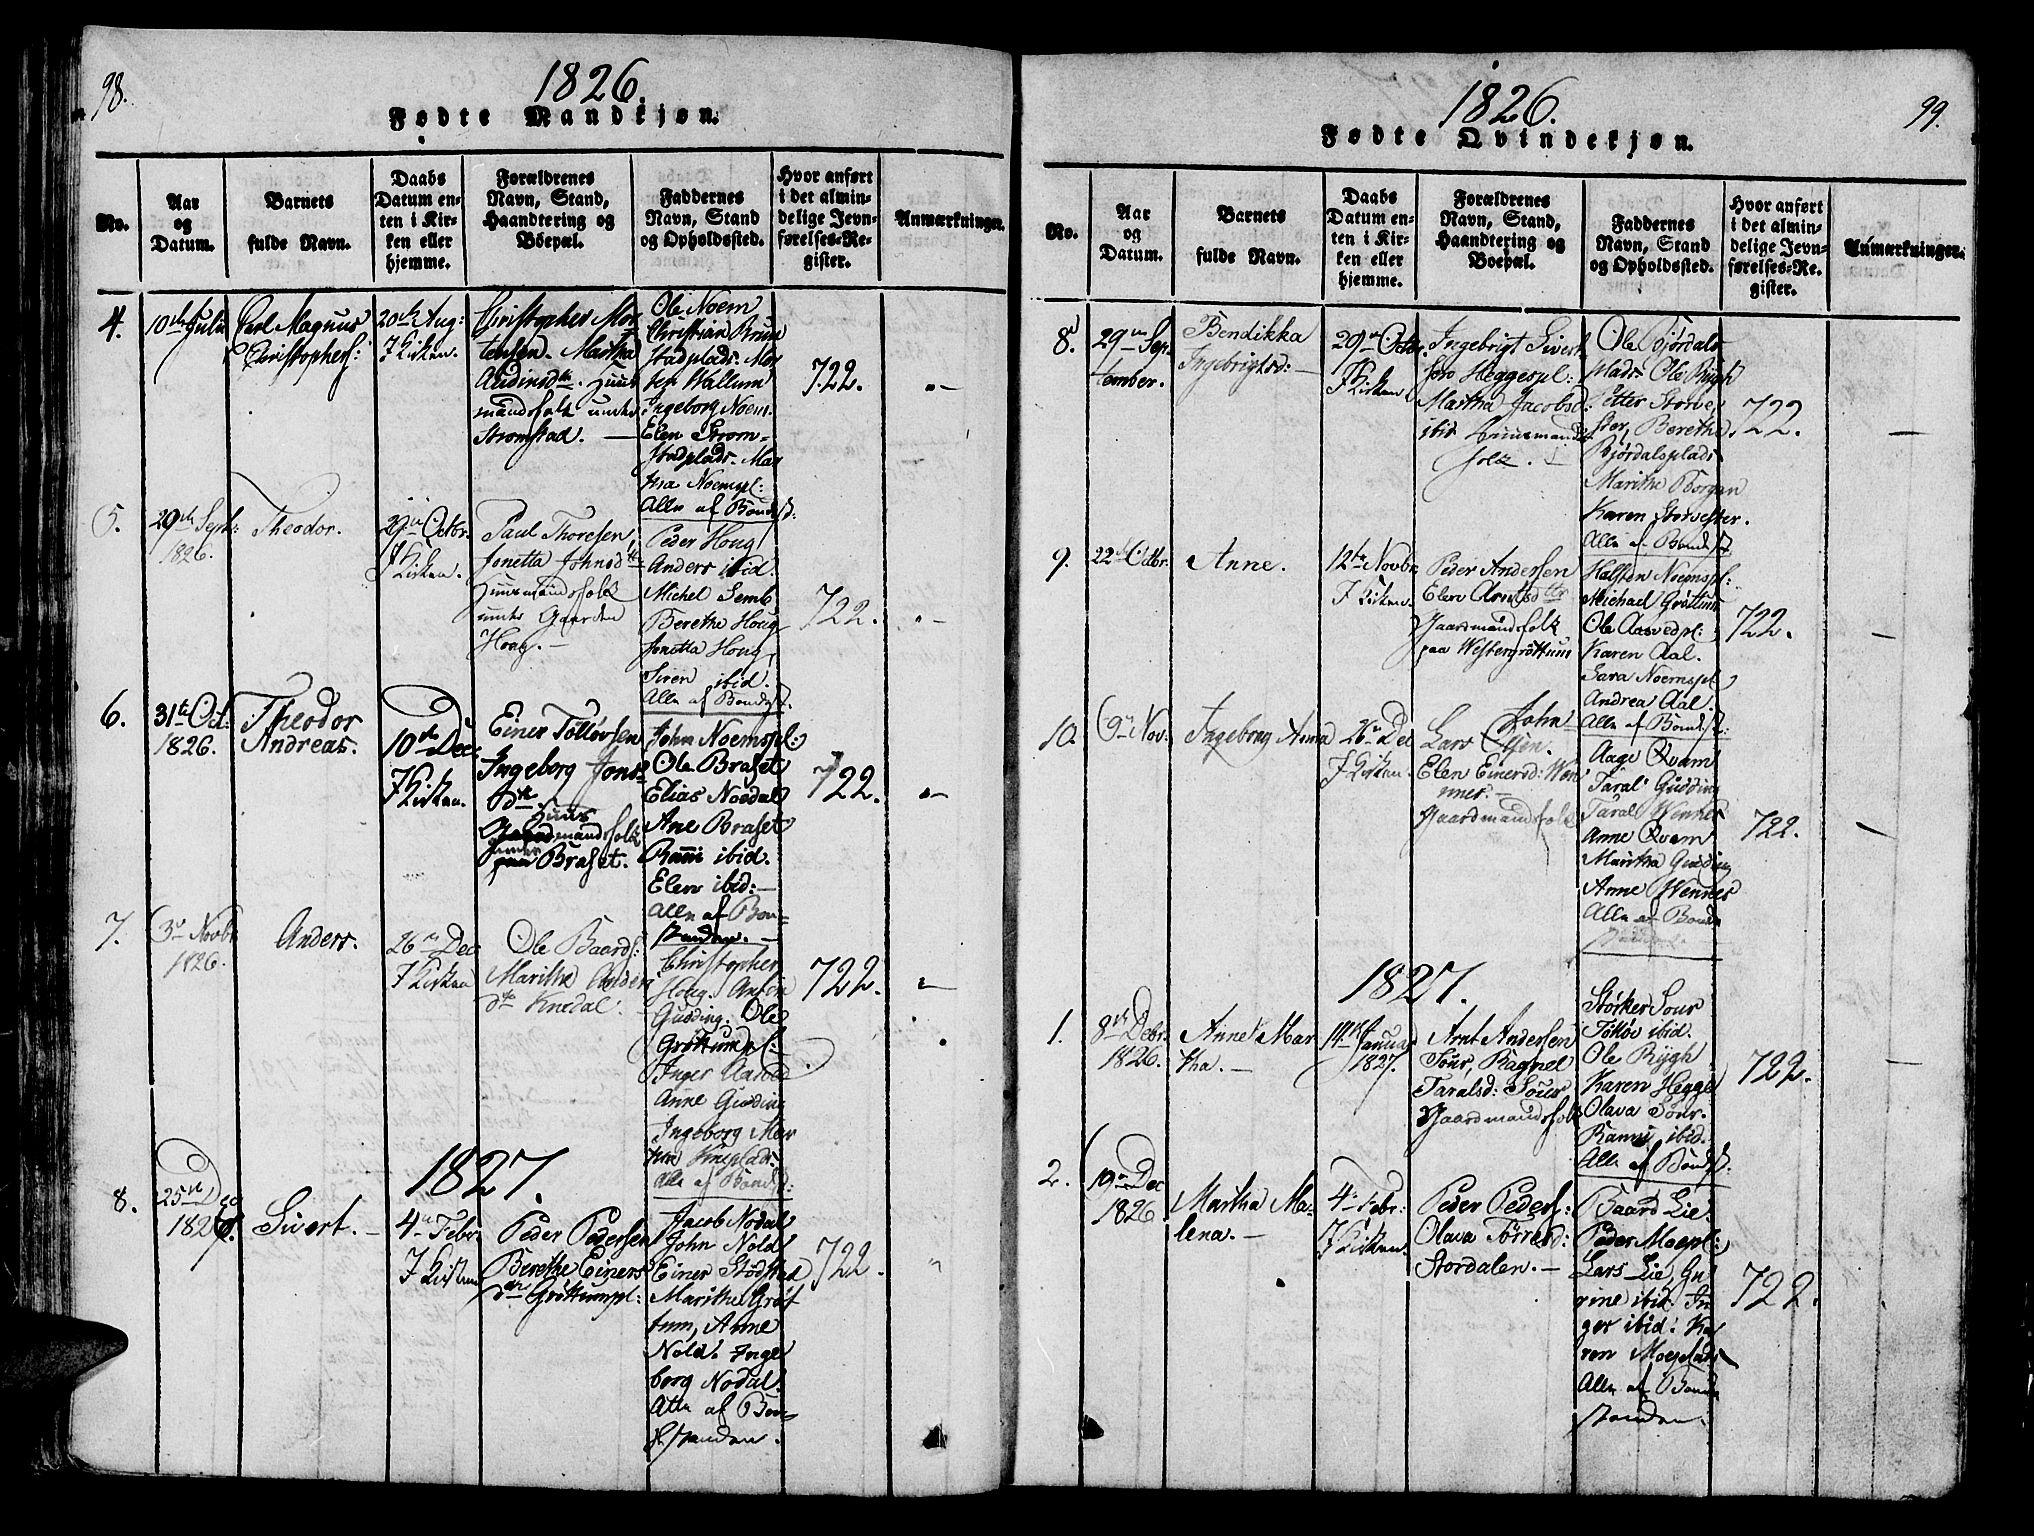 SAT, Ministerialprotokoller, klokkerbøker og fødselsregistre - Nord-Trøndelag, 746/L0441: Ministerialbok nr. 746A03 /2, 1816-1827, s. 98-99